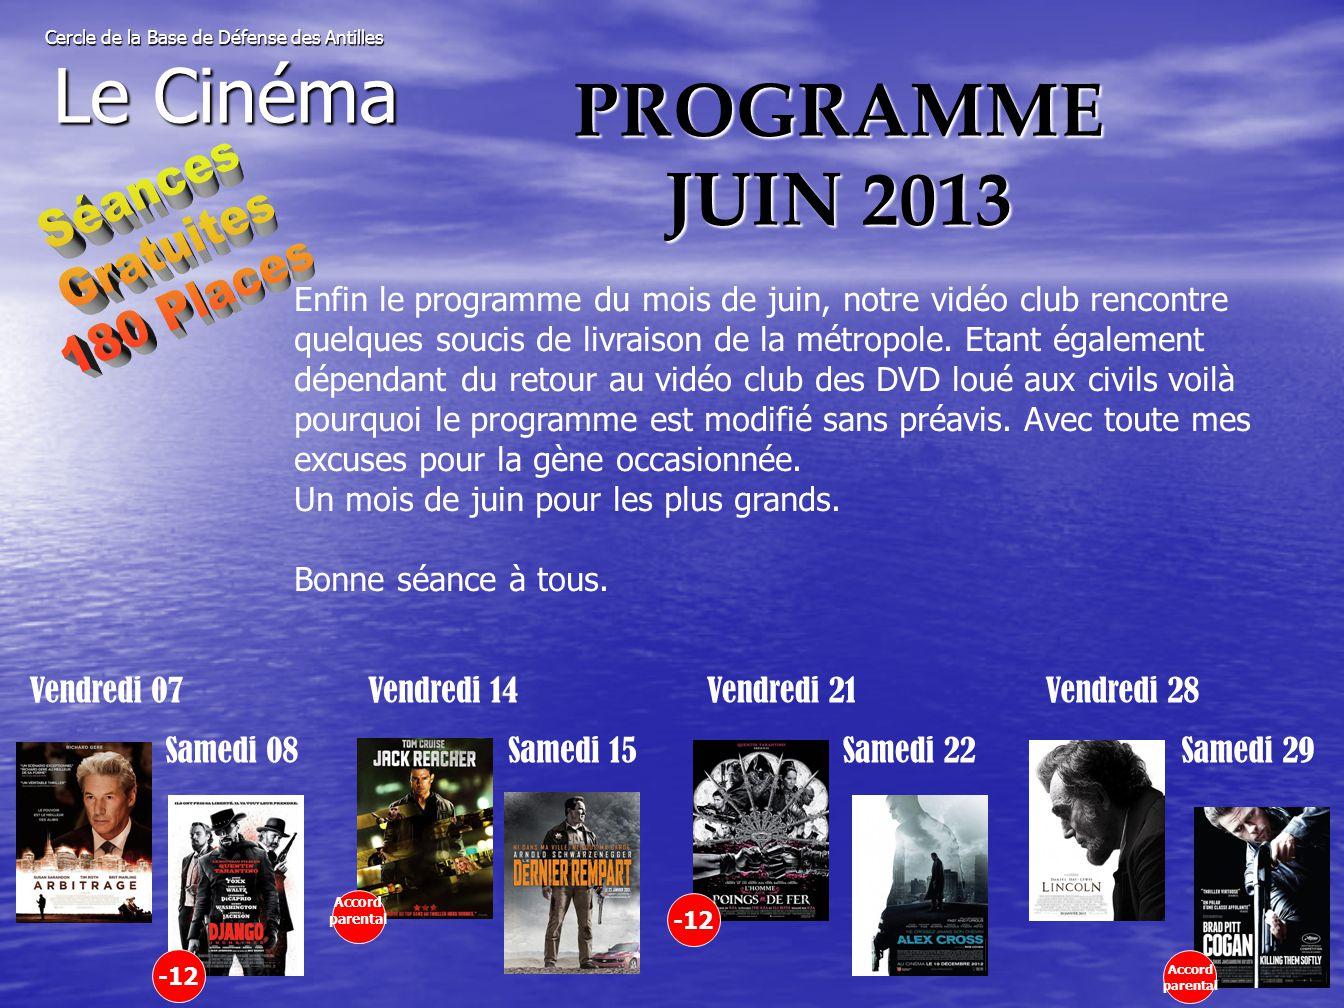 PROGRAMME JUIN 2013 Cercle de la Base de Défense des Antilles Le Cinéma Enfin le programme du mois de juin, notre vidéo club rencontre quelques soucis de livraison de la métropole.